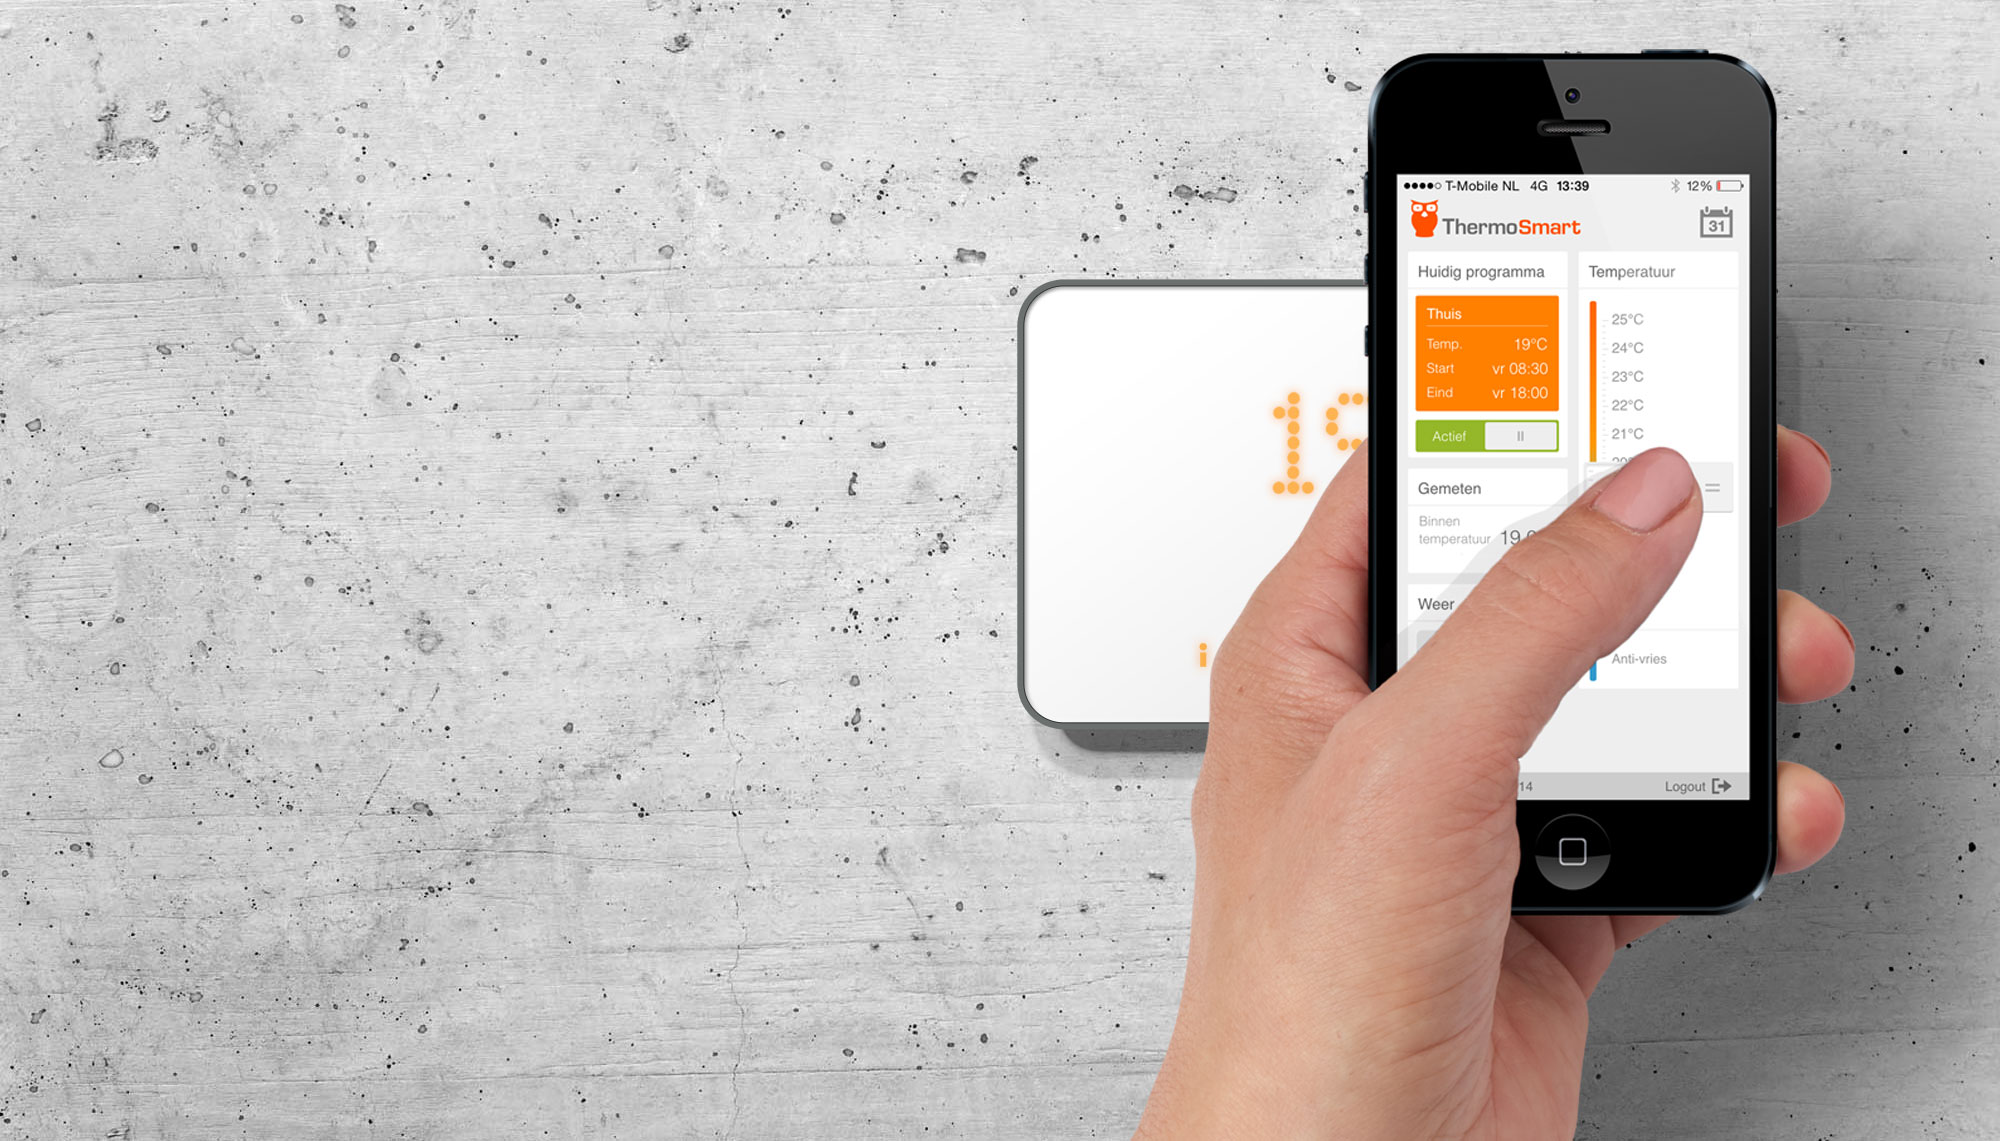 ThermoSmart bedien je altijd en overal, bijvoorbeeld met je iPhone.